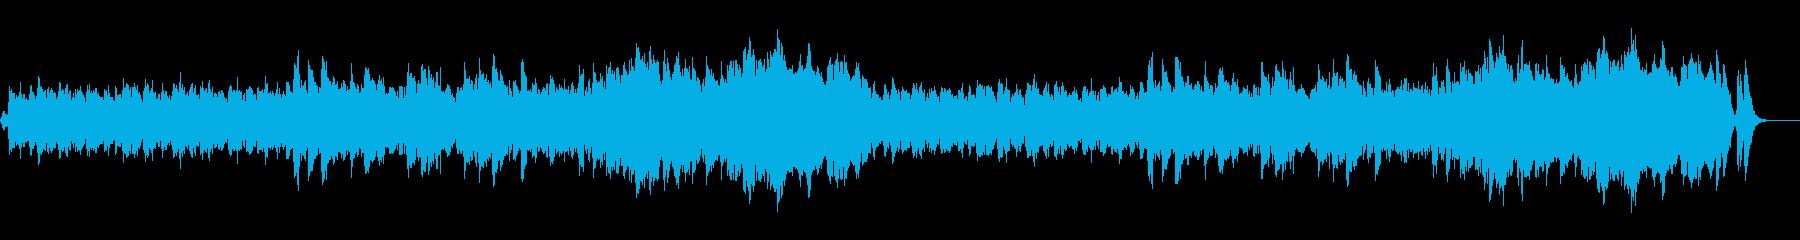 企業VPやCMに。力強いオーケストラ曲の再生済みの波形